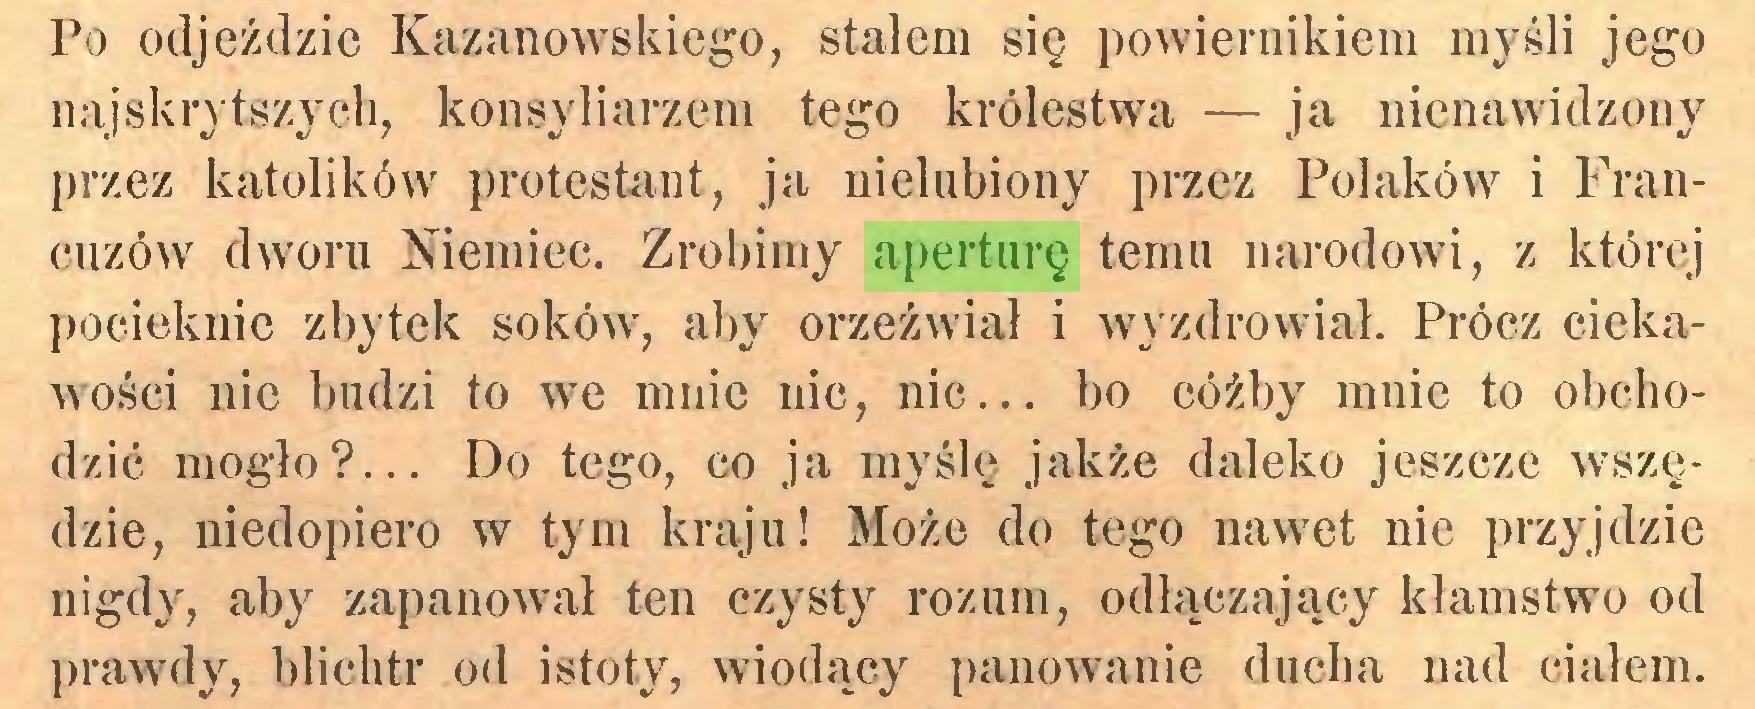 (...) Po odjeździc Kazanowskiego, stałem się powiernikiem myśli jego najskrytszych, konsyliarzem tego królestwa — ja nienawidzony przez katolików protestant, ja nielubiony przez Polaków i Francuzów dworu Niemiec. Zrobimy aperturę temu narodowi, z której pocieknie zbytek soków, aby orzeźwiał i wyzdrowiał. Prócz ciekawości nie budzi to we mnie nic, nic... bo cóżby mnie to obchodzić mogło?... Do tego, co ja myślę jakże daleko jeszcze wszędzie, niedopiero w tym kraju! Może do tego nawet nie przyjdzie nigdy, aby zapanował ten czysty rozum, odłączający kłamstwo od prawdy, blichtr od istoty, wiodący panowanie ducha nad ciałem...